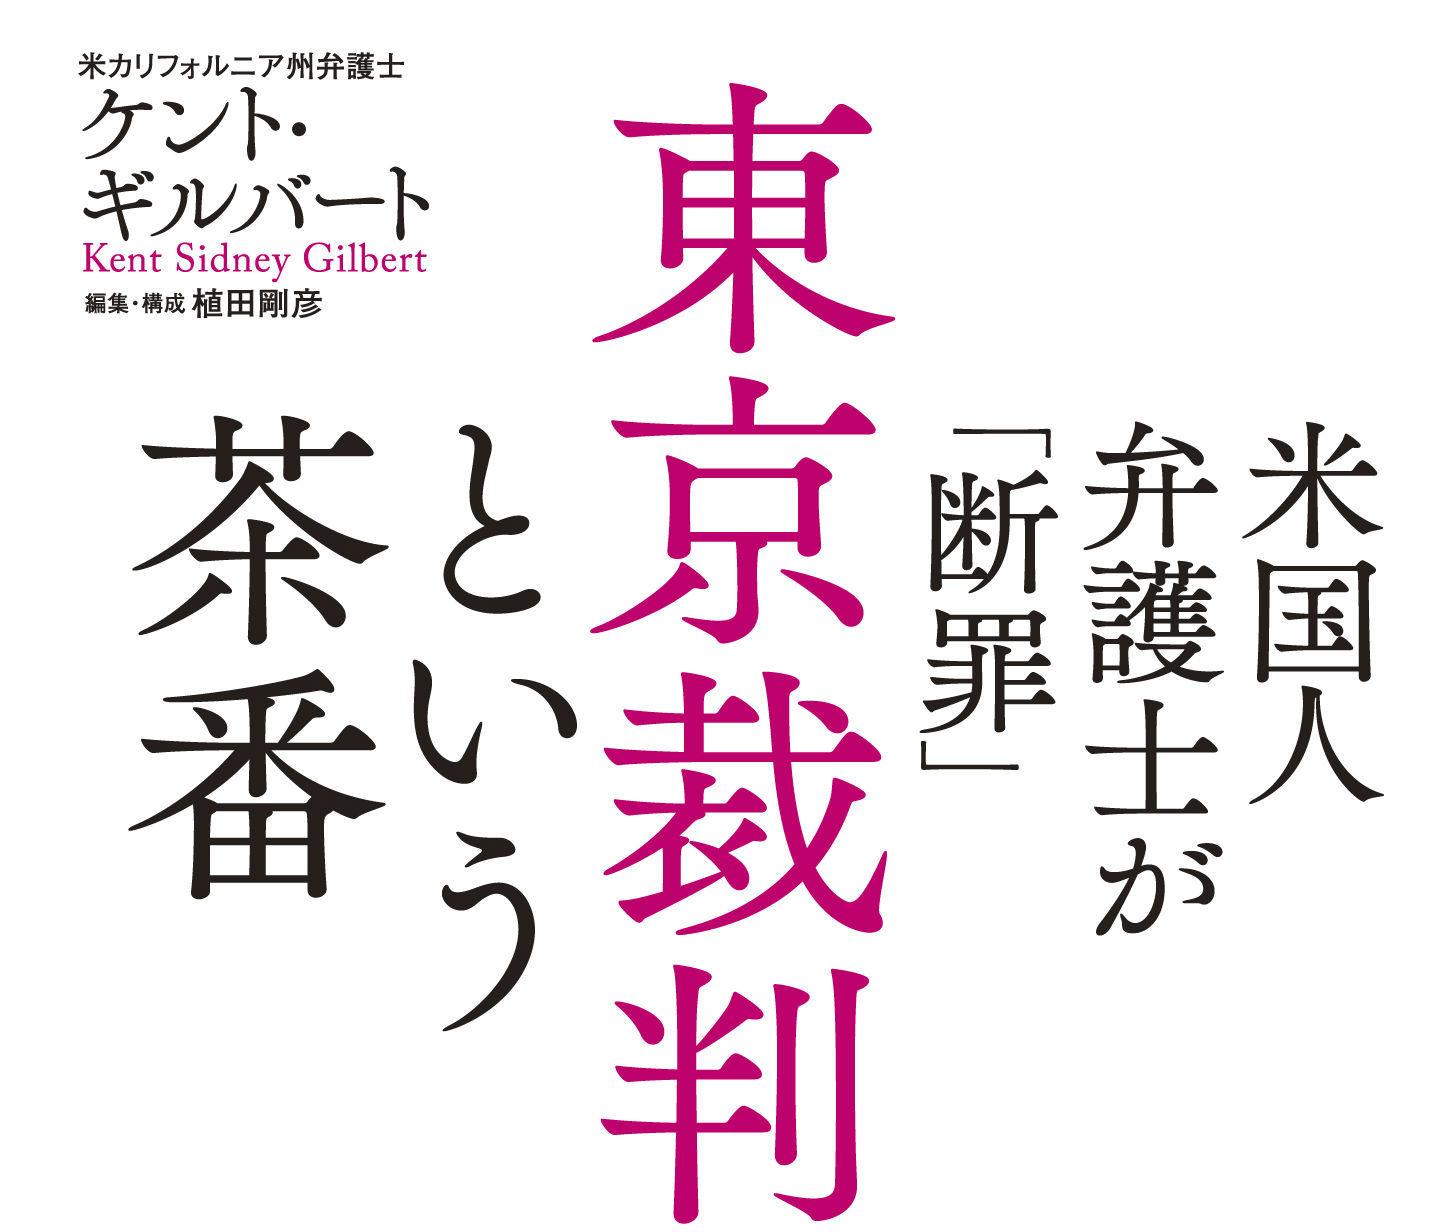 「日本は先の戦争で無条件降伏をした」という「虚偽」報道をしている<br />